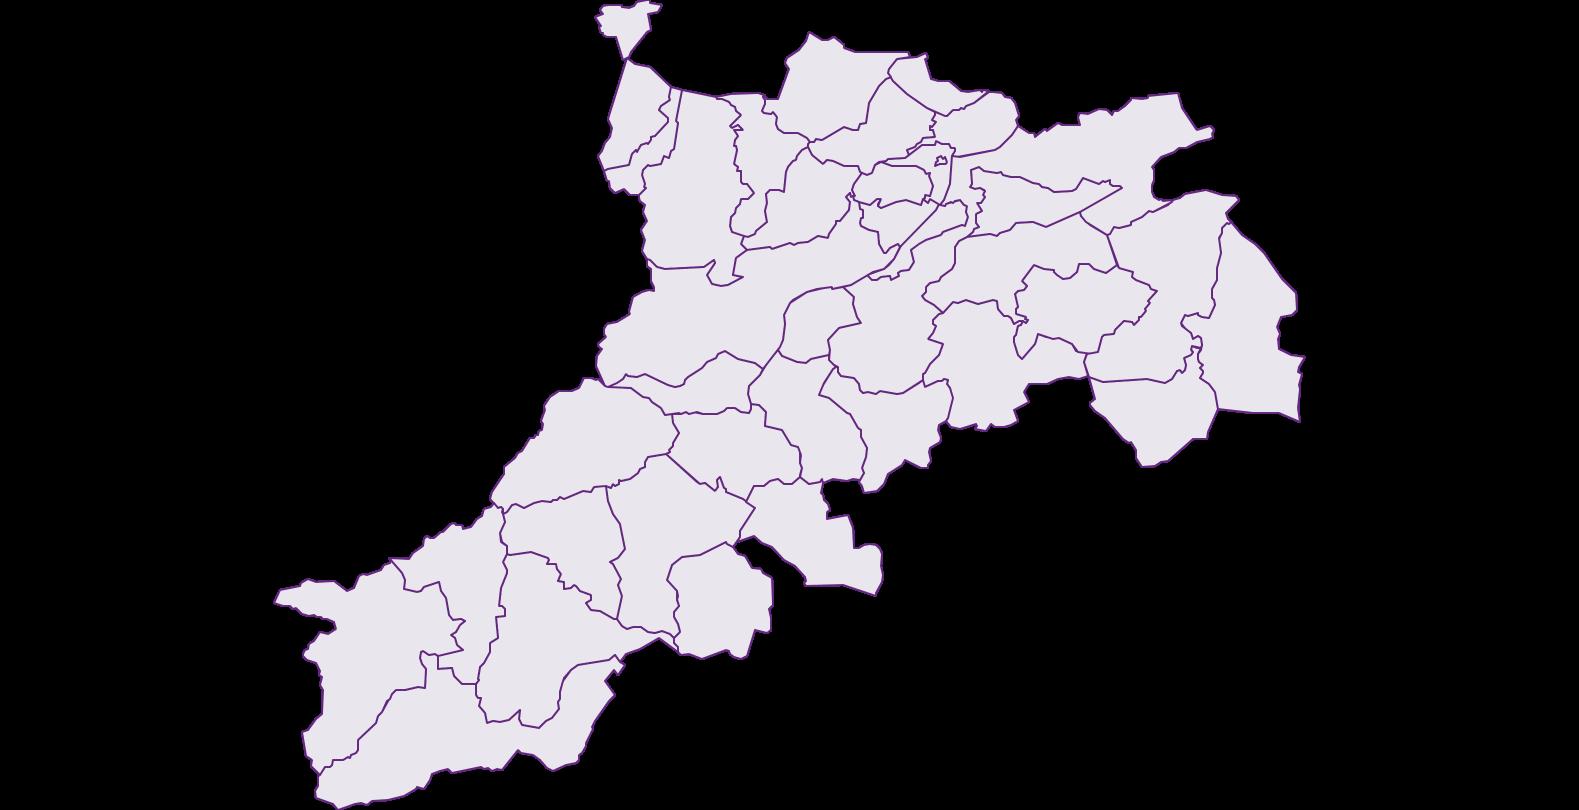 Bezirk Reutte Tirol - Geographie, Wirtschaftskunde, Statistik | Similio